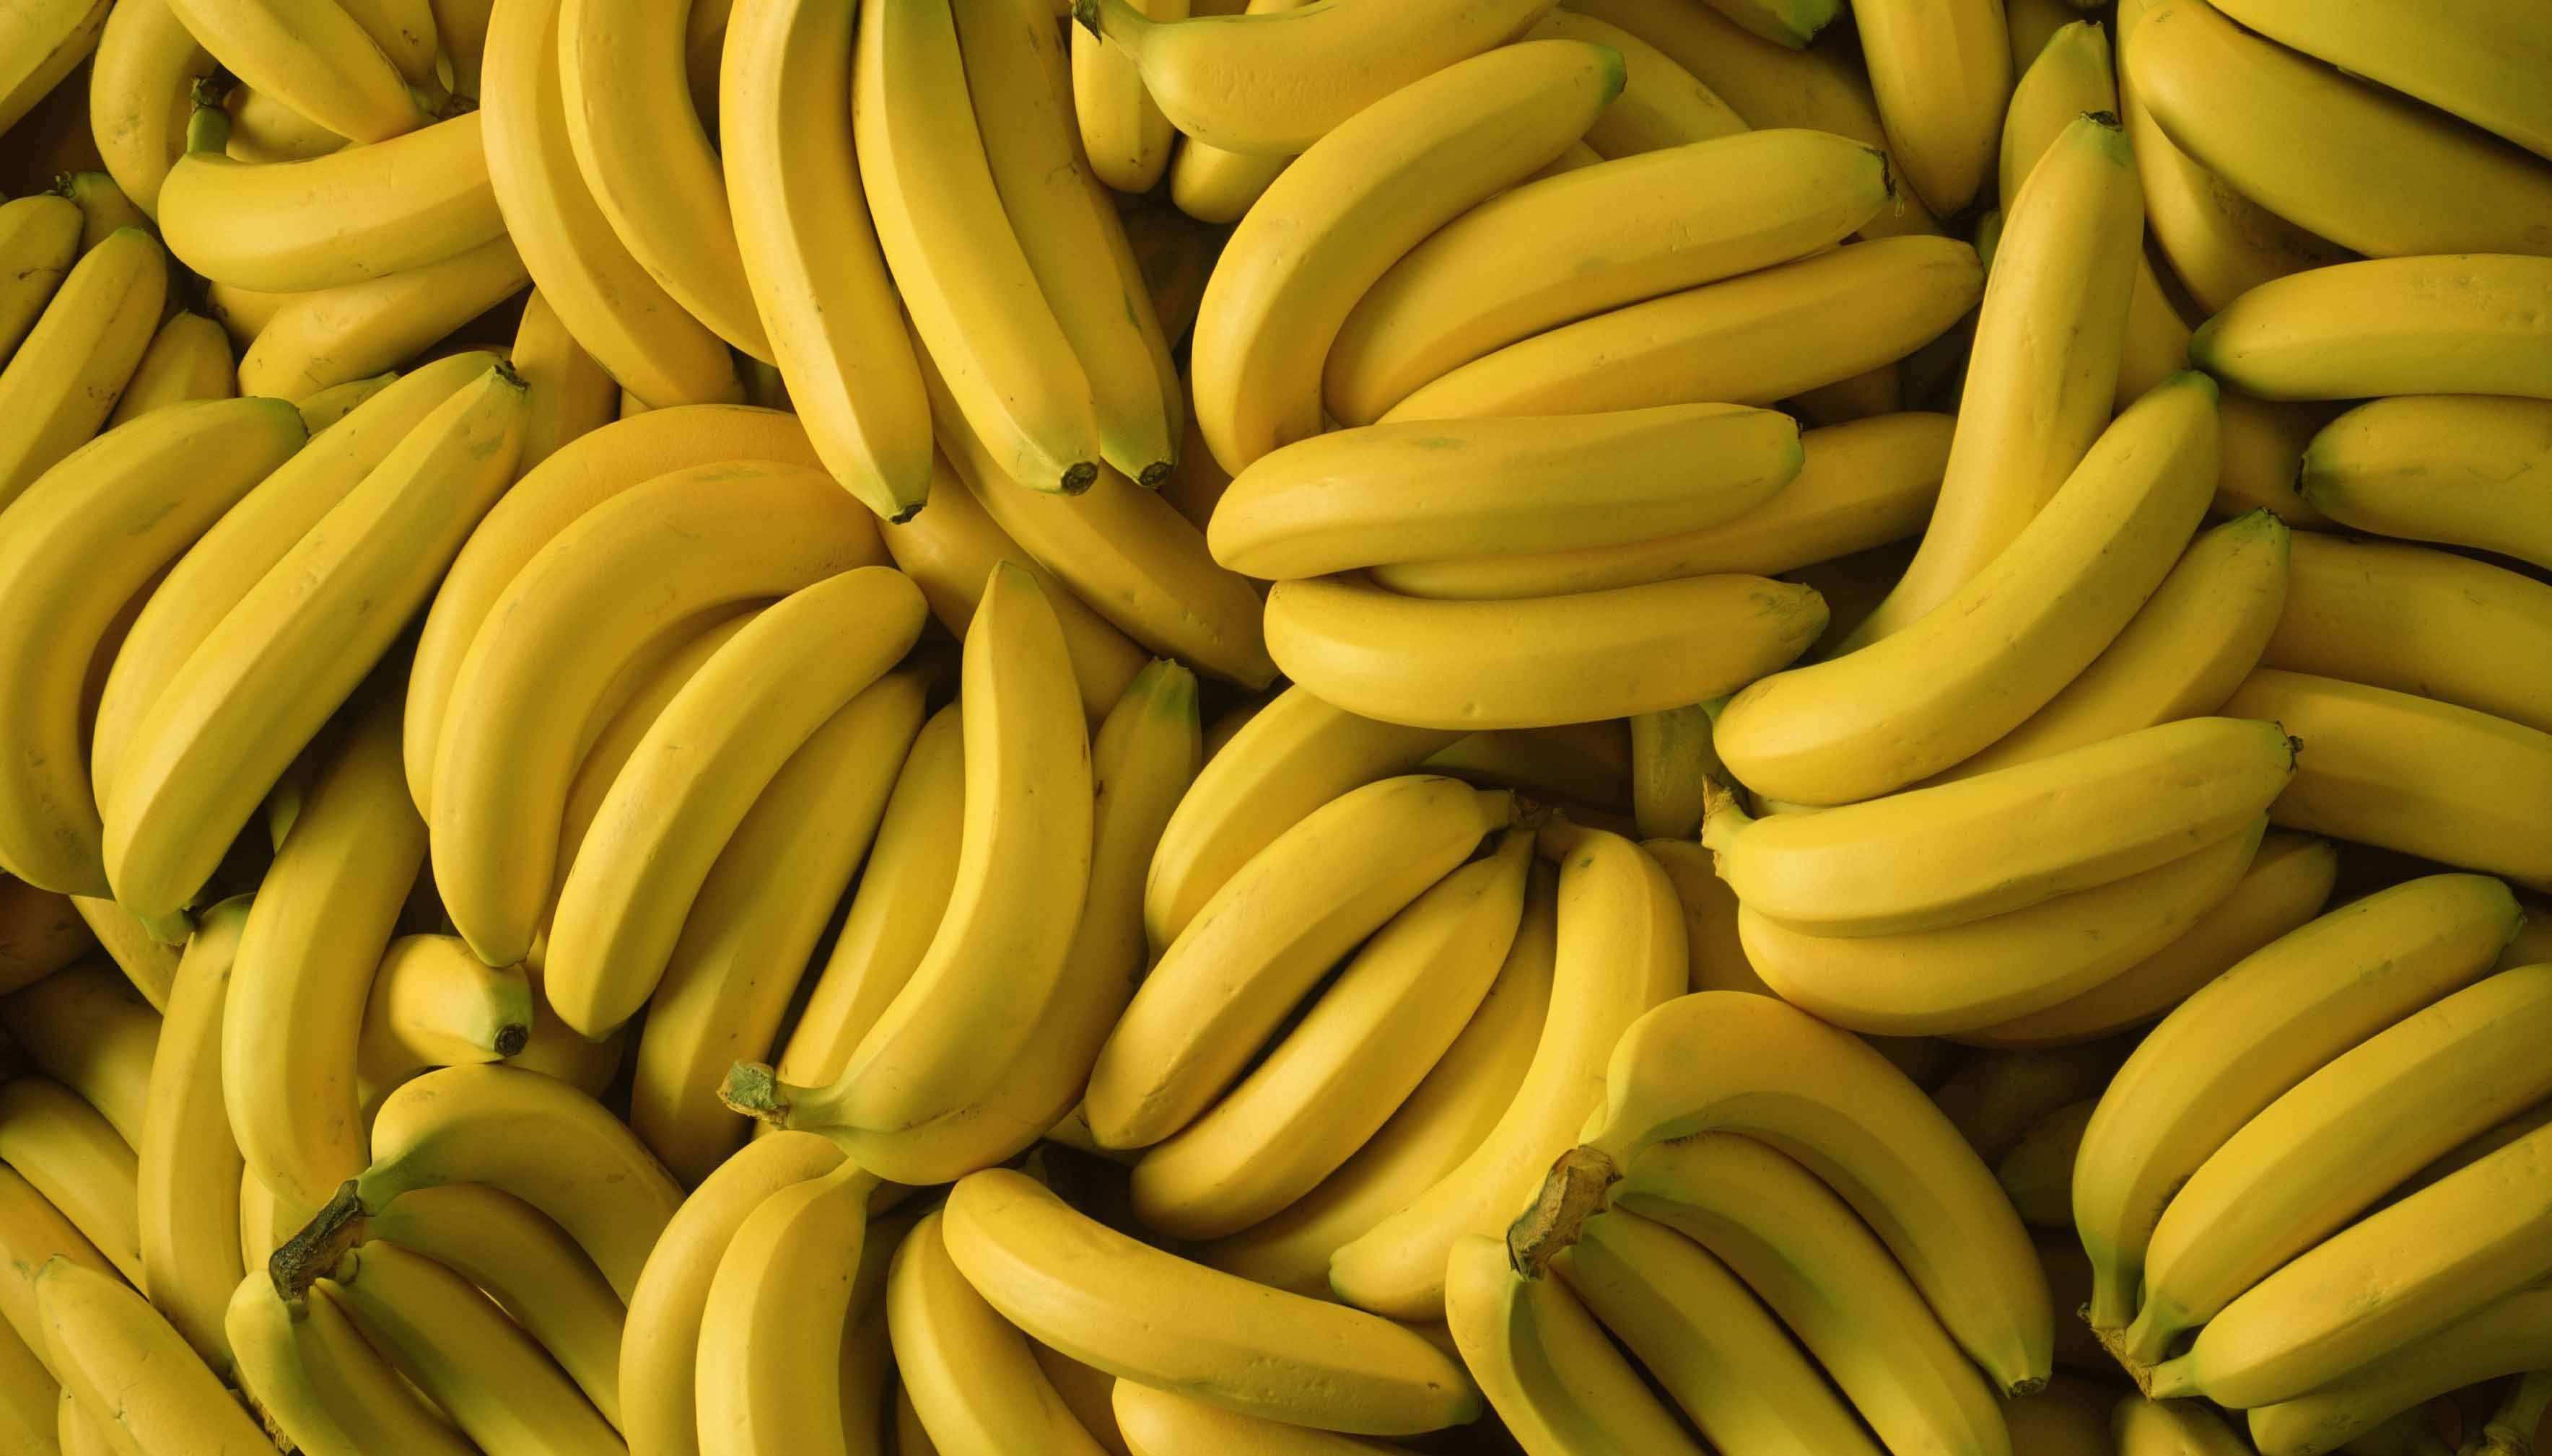 """入冬后,5种被称为""""湿气王""""的水果别再吃了!小心体内湿气加重"""